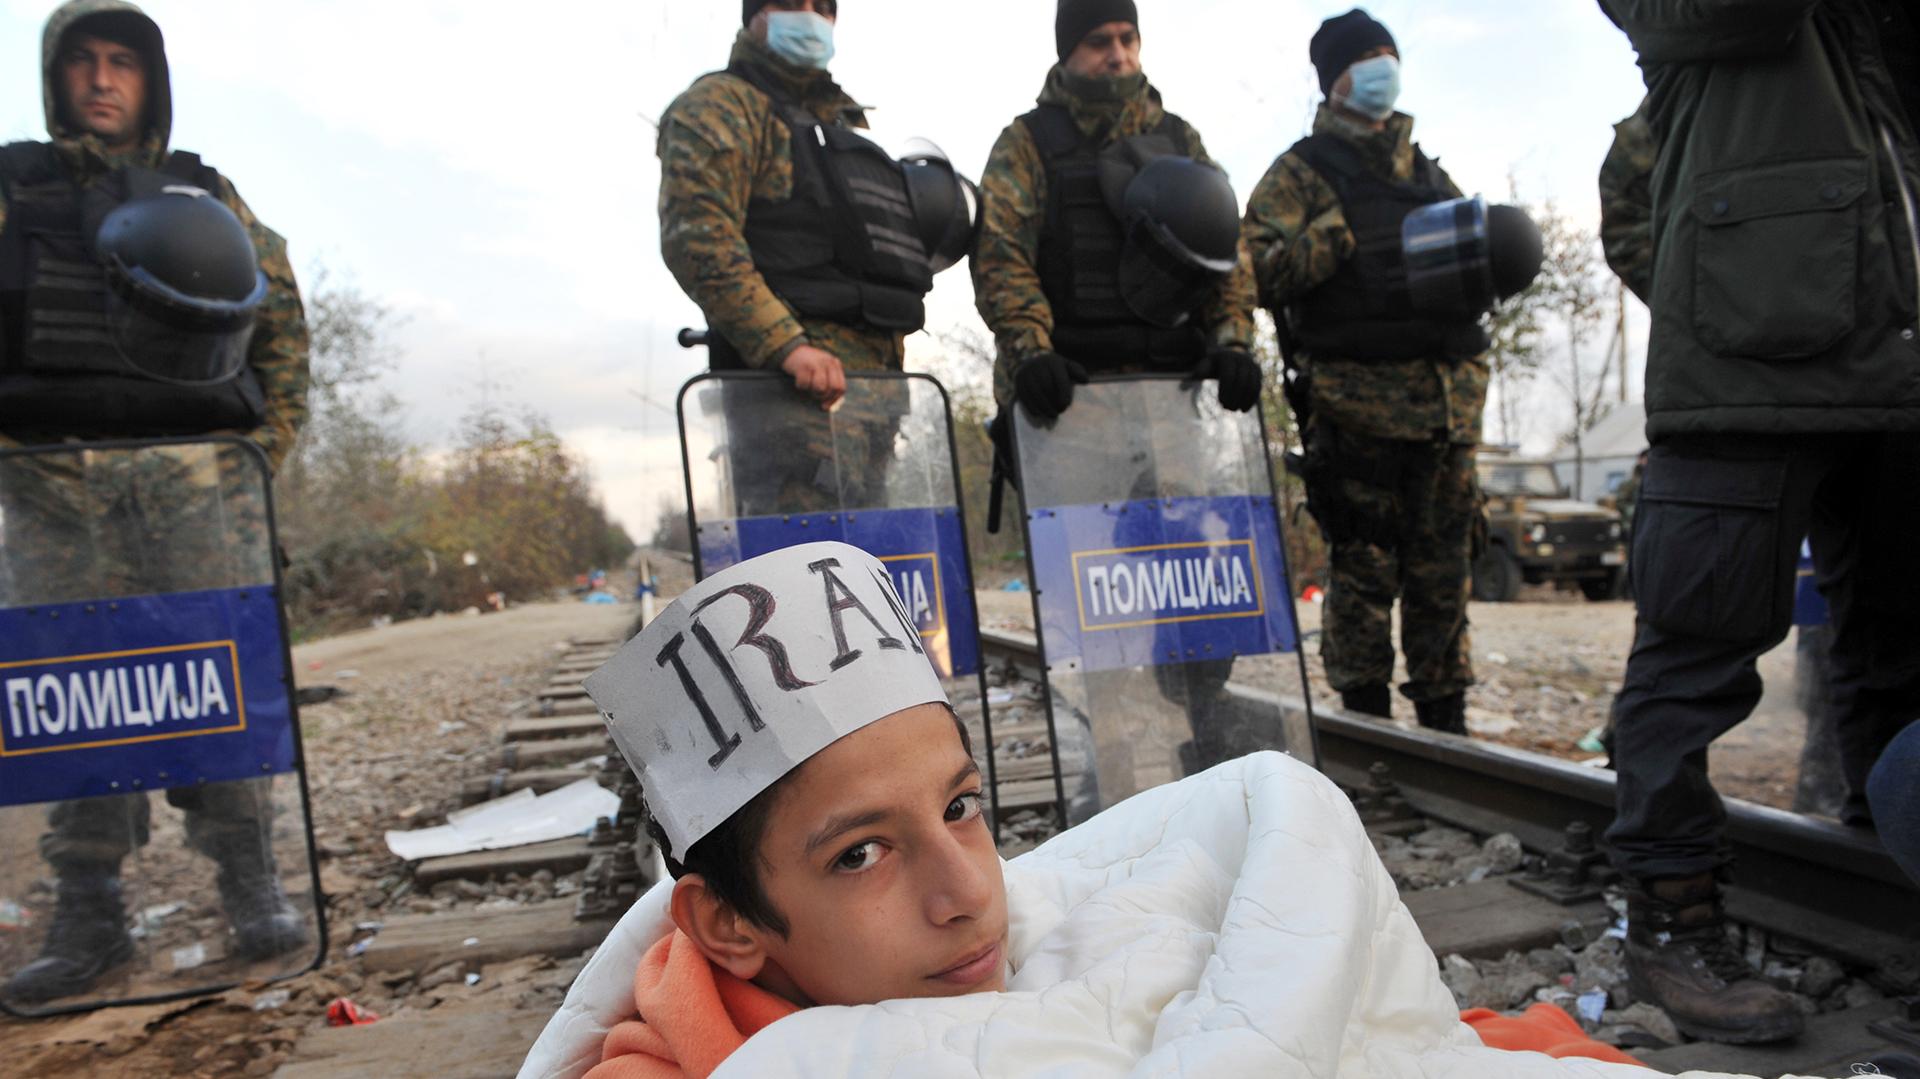 Un refugiado iraní se tiende sobre las vías en la frontera de Macedonia, como protesta para lograr que lo dejen ingresar a Grecia junto asu familia. / AFP / SAKIS MITROLIDIS